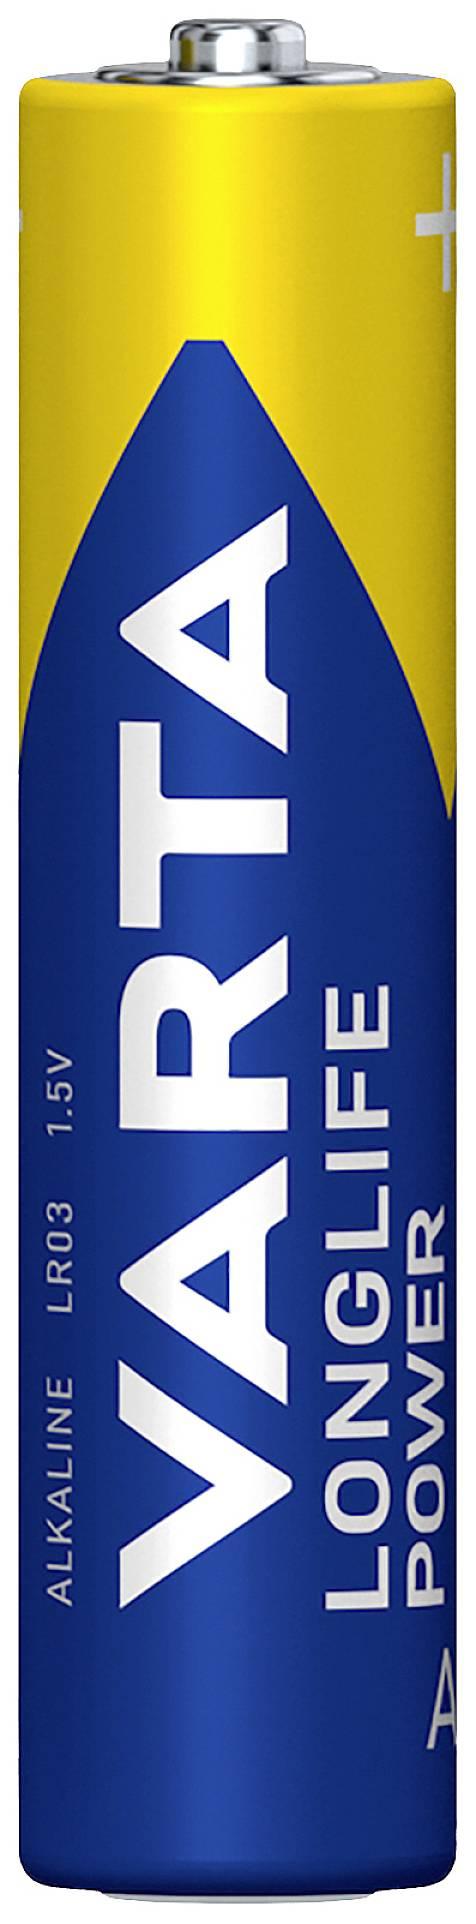 Batéria VARTA High Energy 4 ks,AAA, 1,5 V